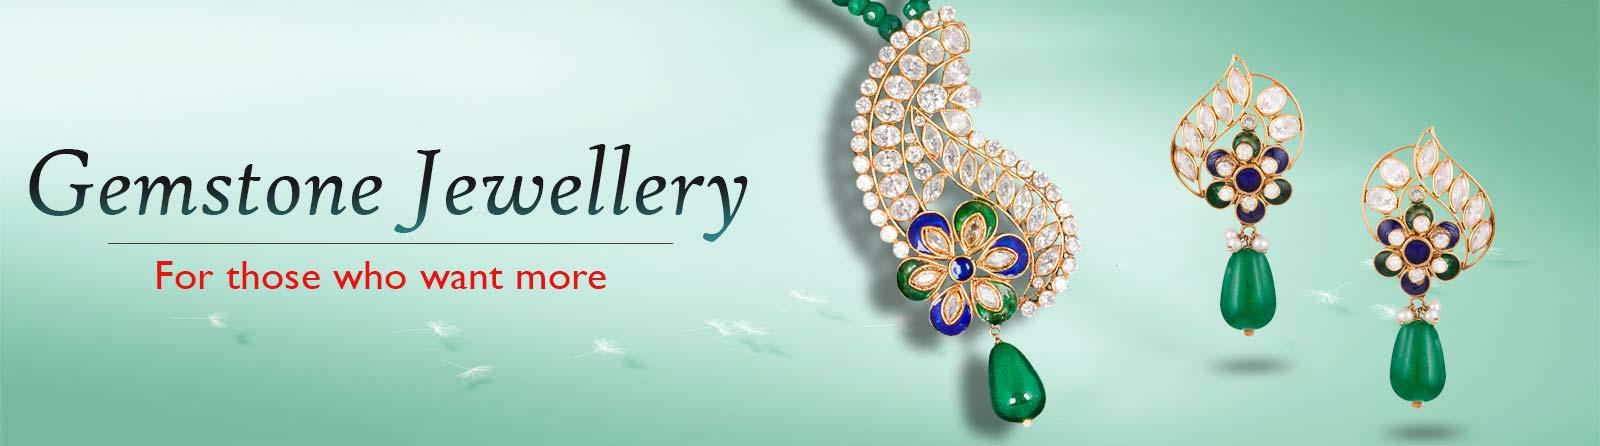 Gemstones Jewellery Banner